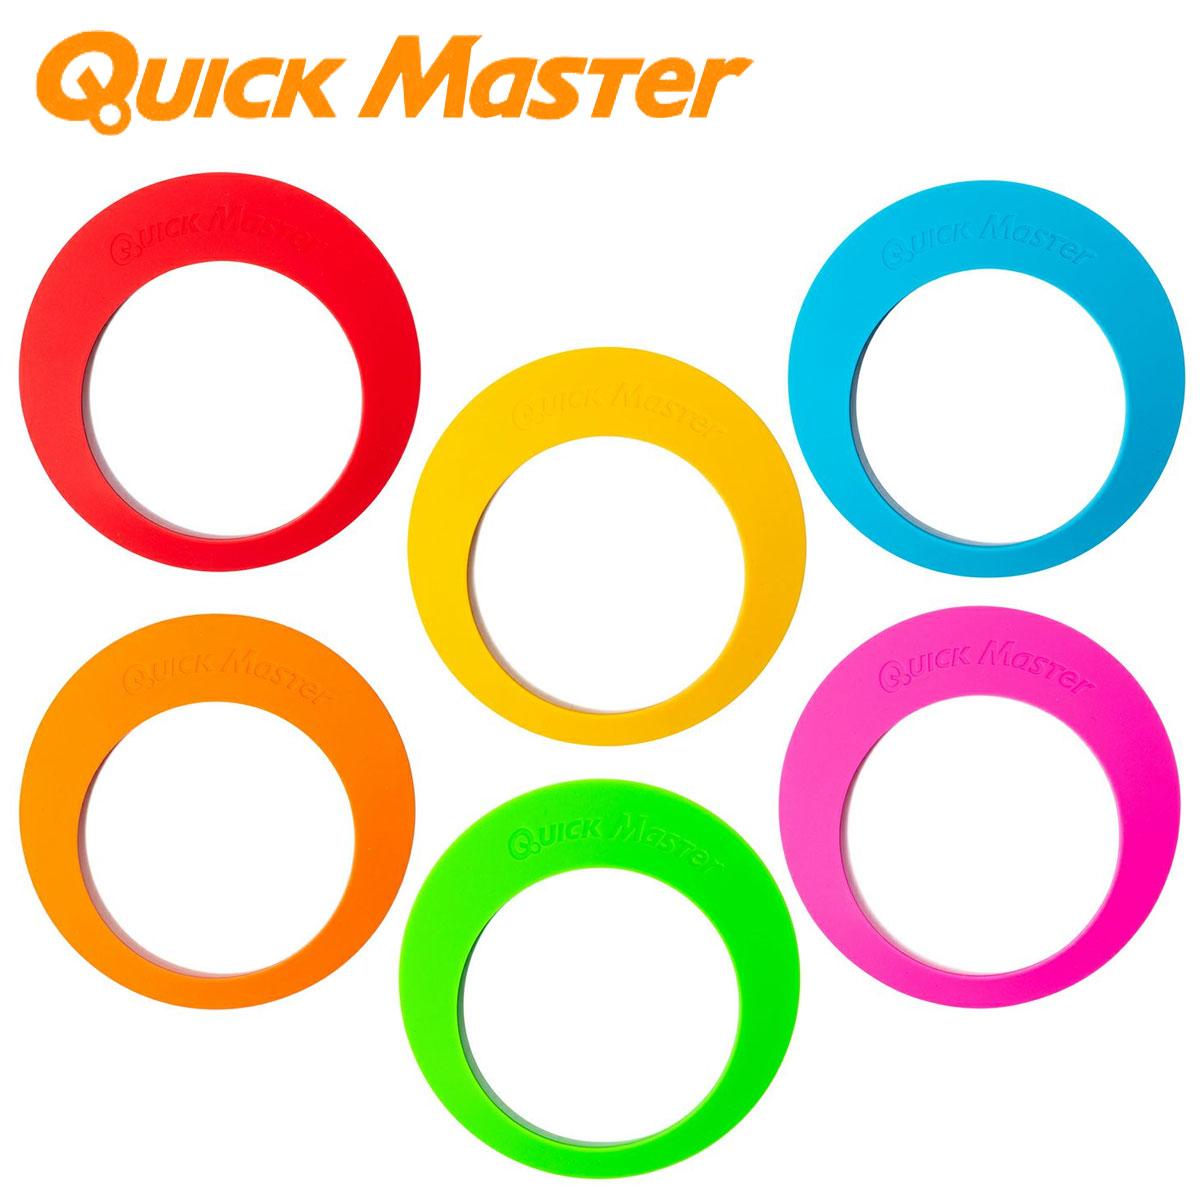 プロコーチ内藤雄士も推奨 即納 YAMANI GOLF ヤマニゴルフ 日本正規品 QUICK 正規品送料無料 MASTER クイックマスター TARGET 公式通販 QMMGNT23 CUP ターゲットカップ あす楽対応 ゴルフパター練習用品